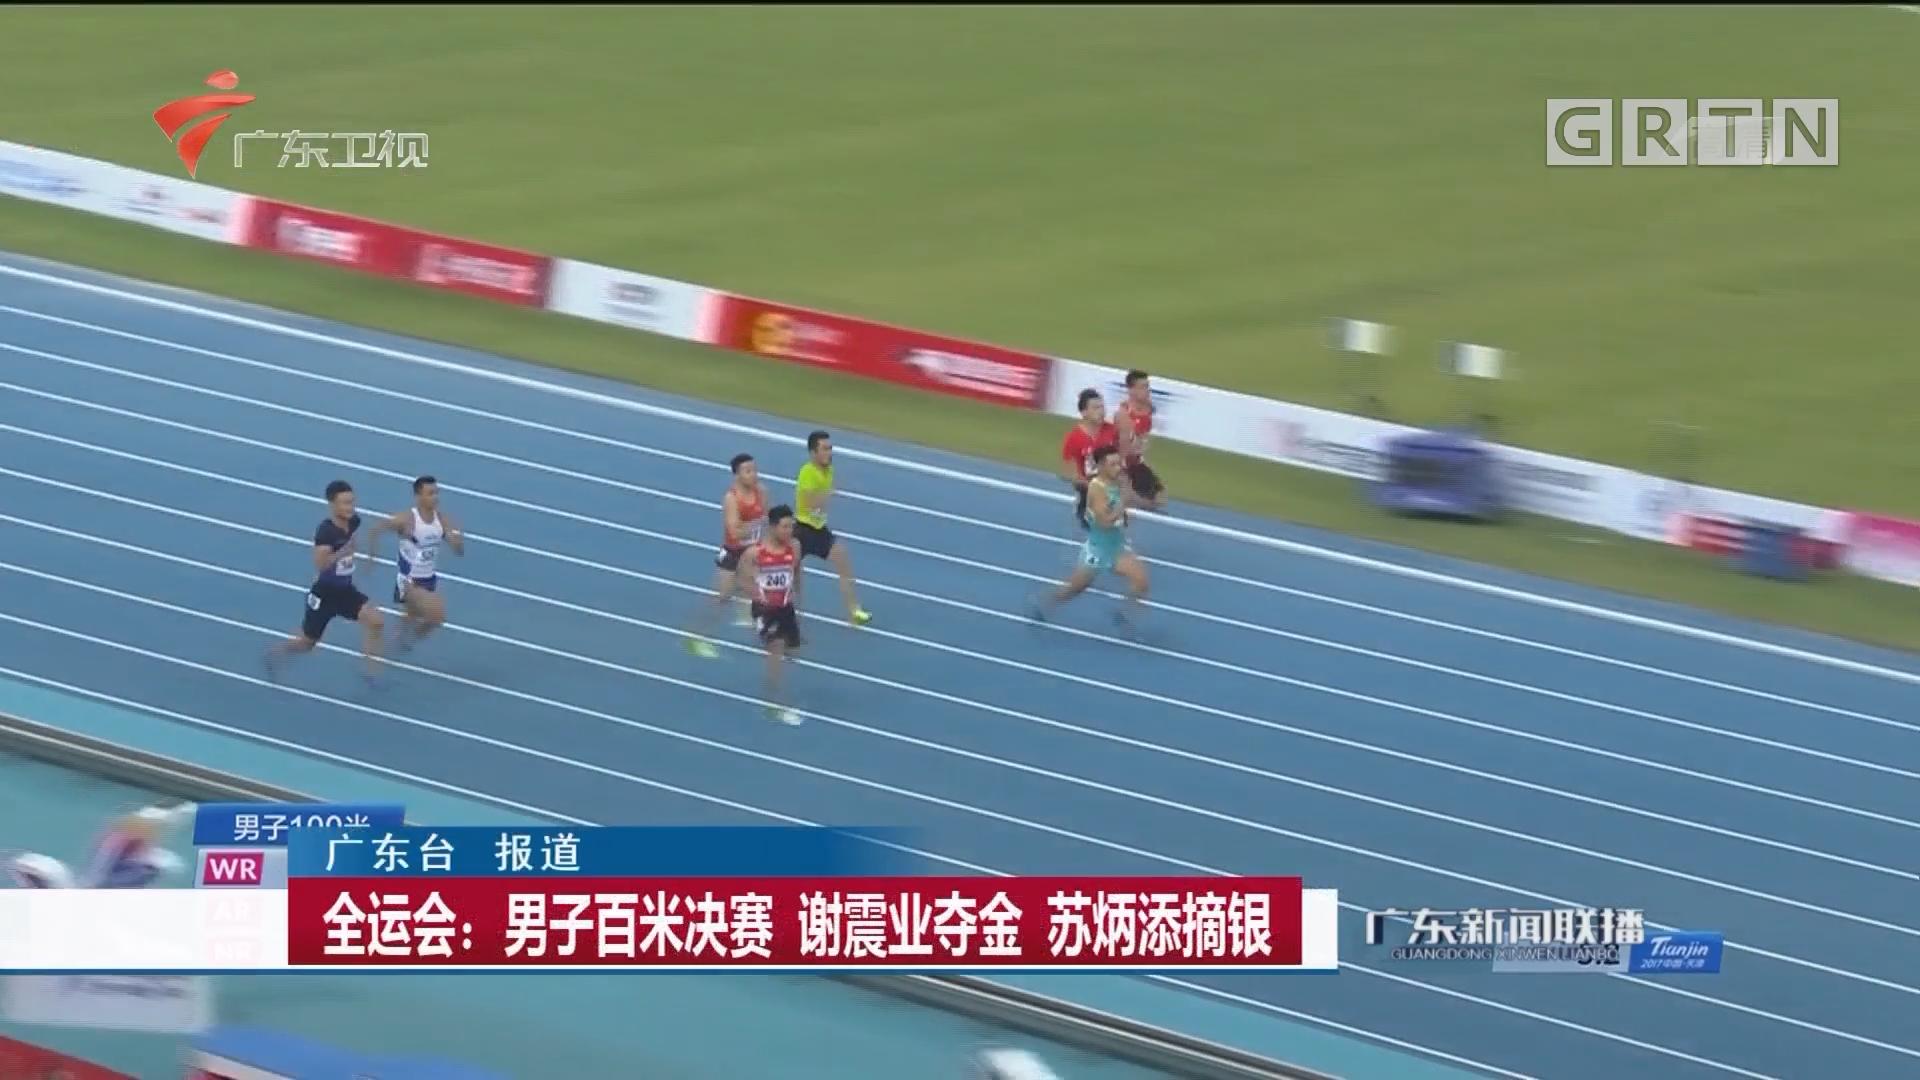 全运会:男子百米决赛 谢震业夺金 苏炳添摘银